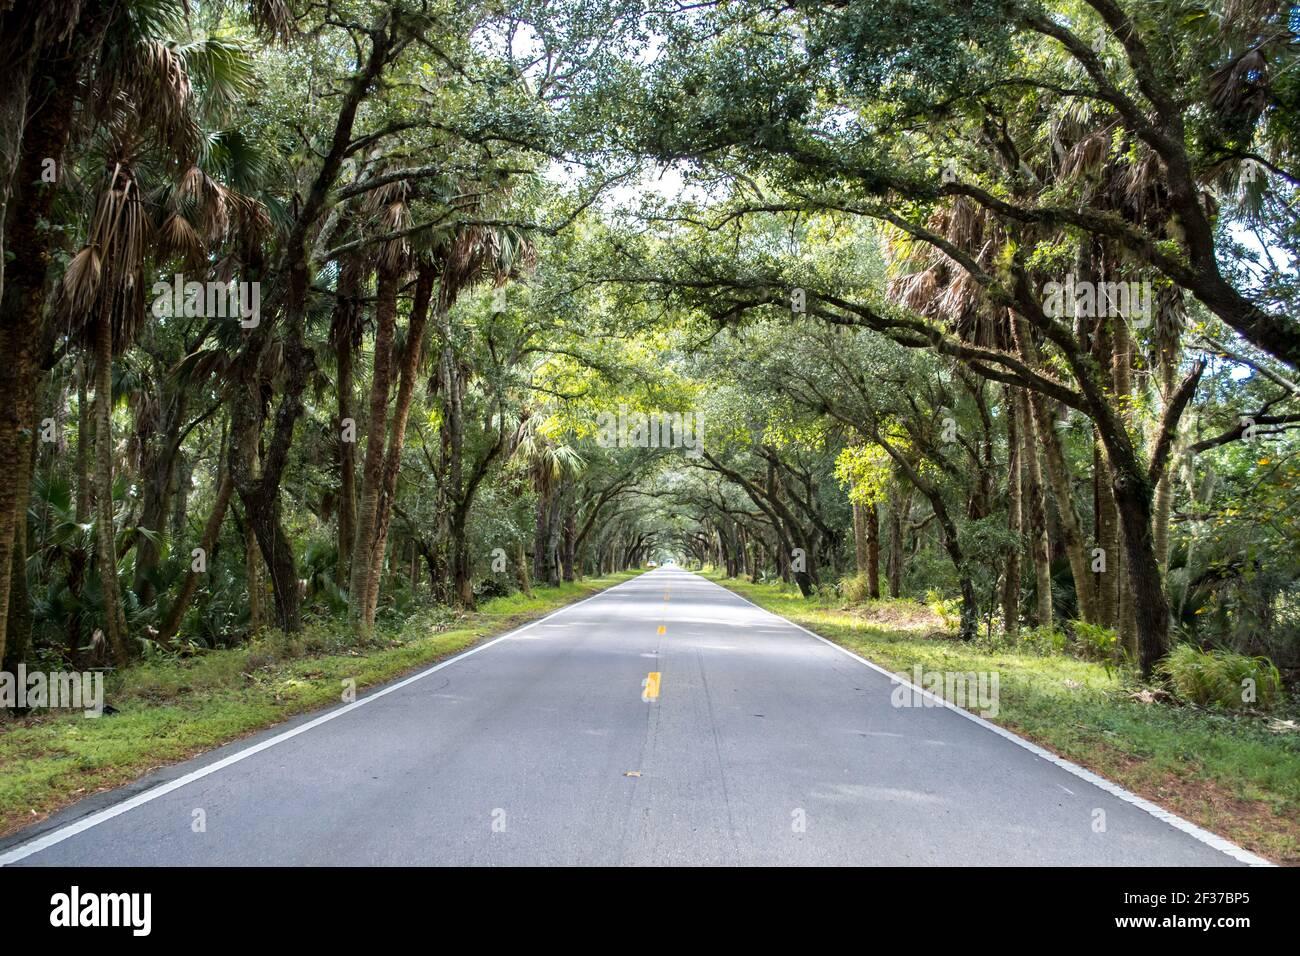 Conduzca a través de los árboles banianos en el túnel de árboles en Florida, carretera solitaria, carretera bordeada de árboles, hermosa naturaleza Foto de stock